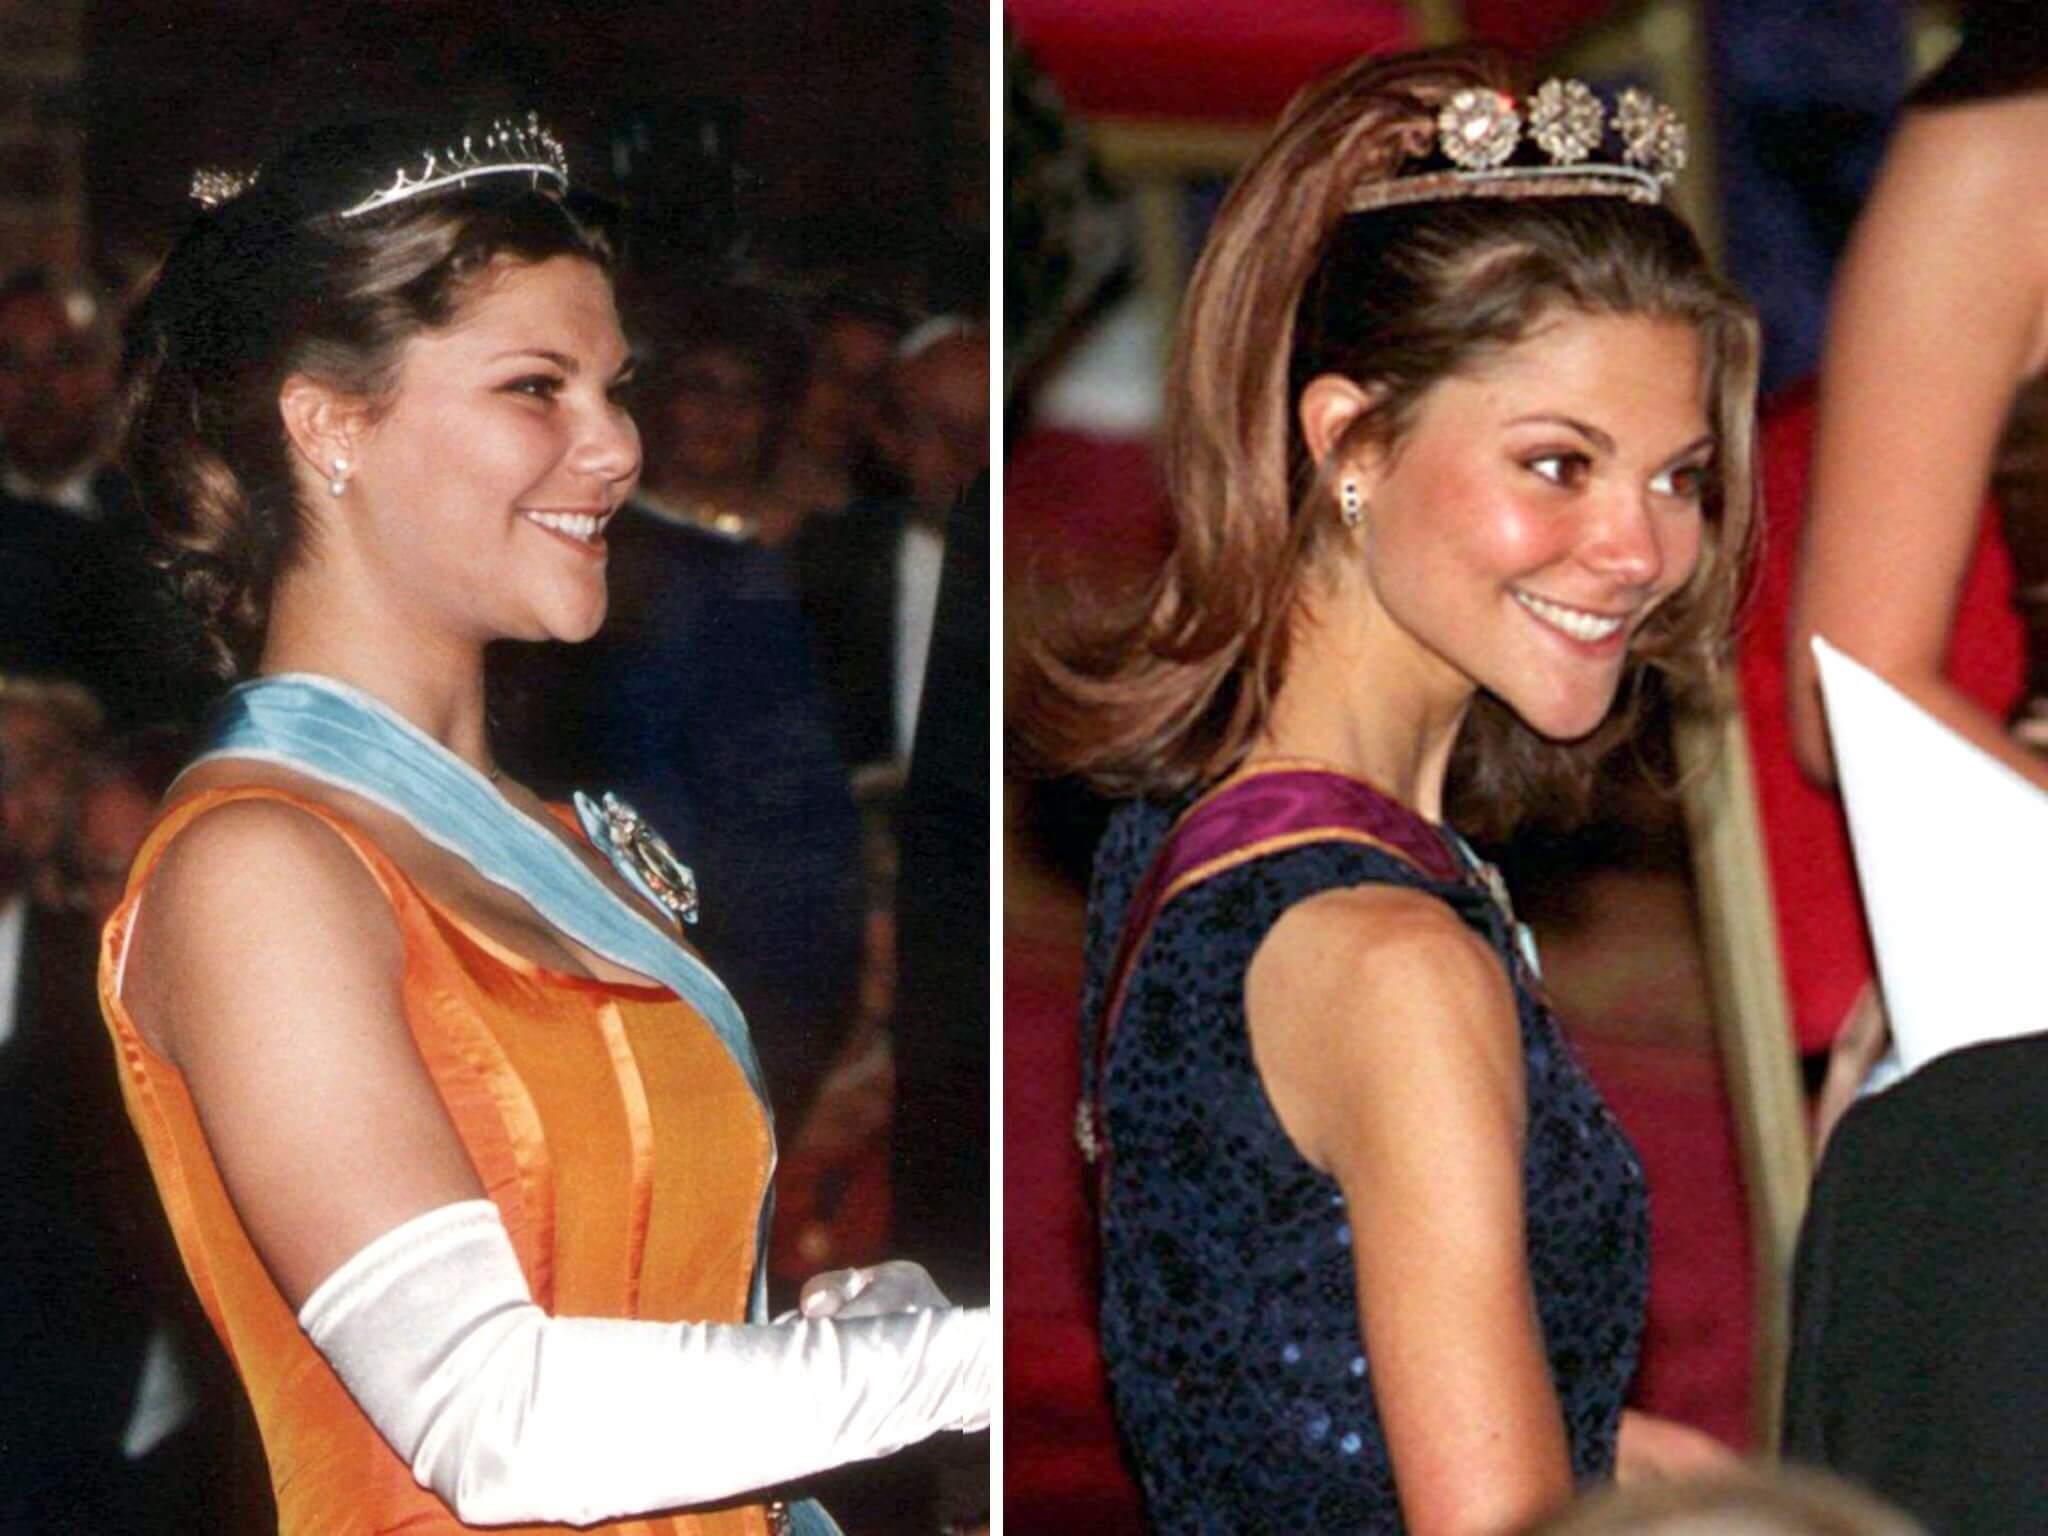 Kronprinzessin Victoria von Schweden an Magersucht erkrankt